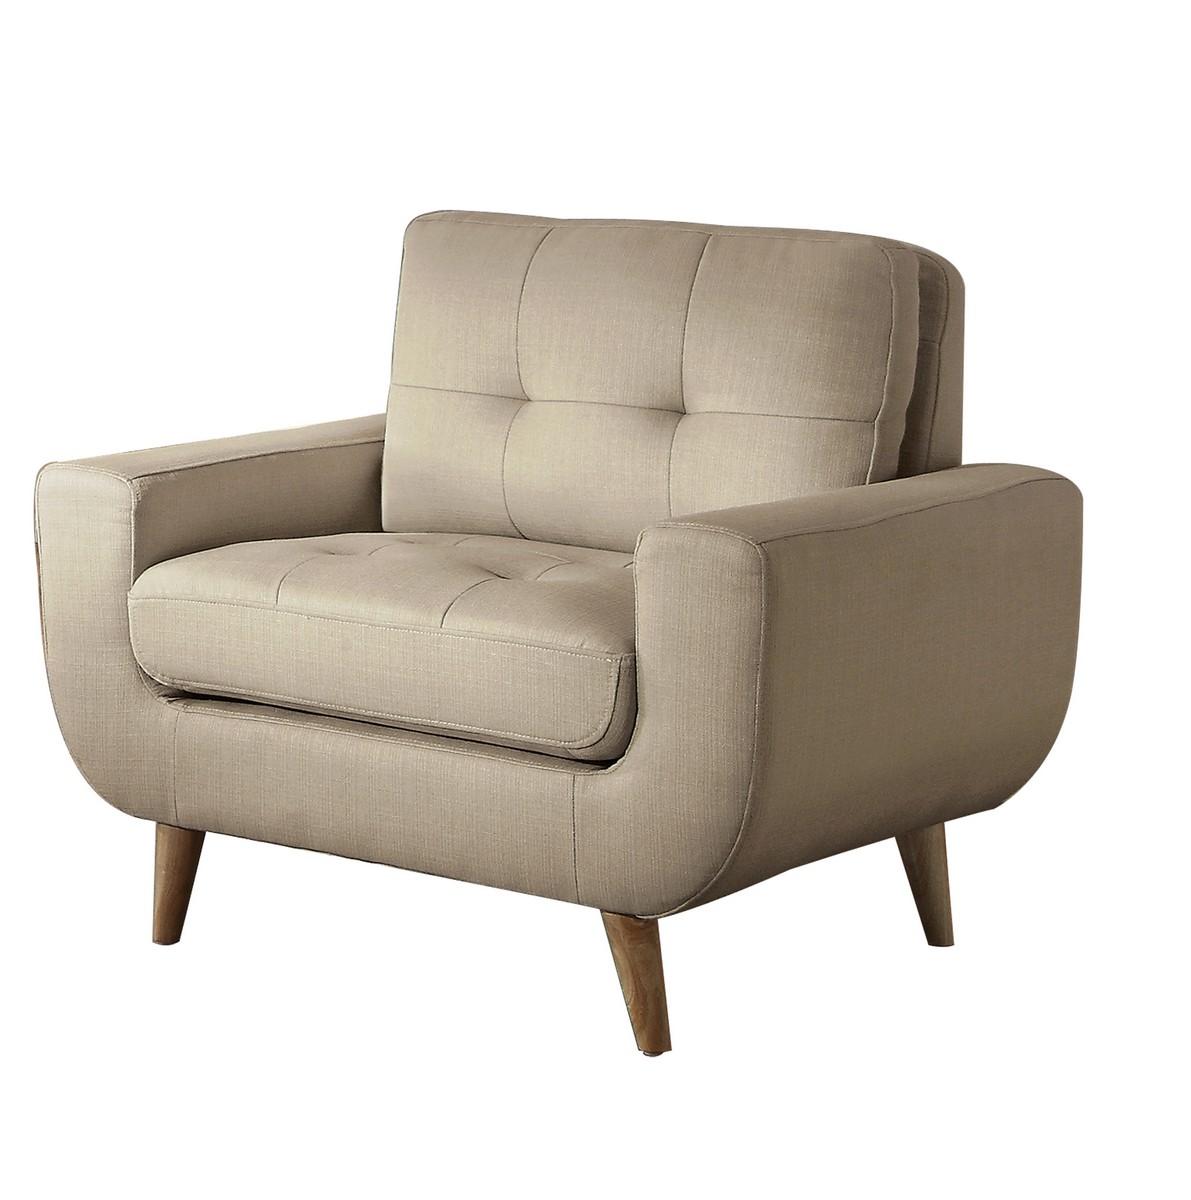 Homelegance Deryn Chair - Polyester - Beige